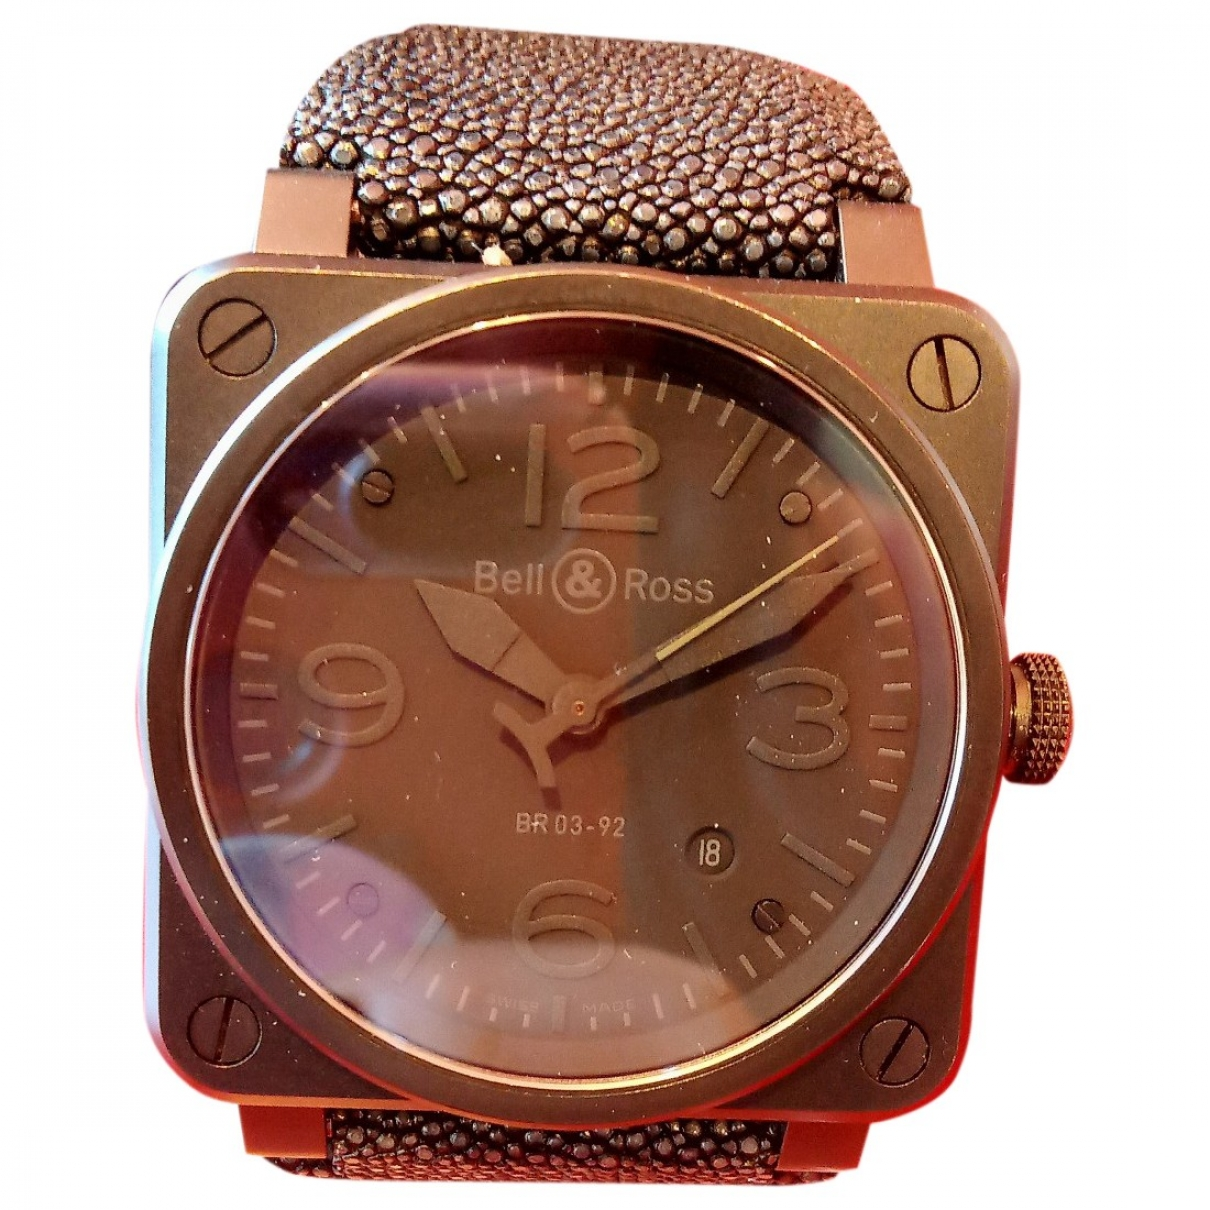 Relojes BR03-92 Phantom de Ceramica Bell & Ross